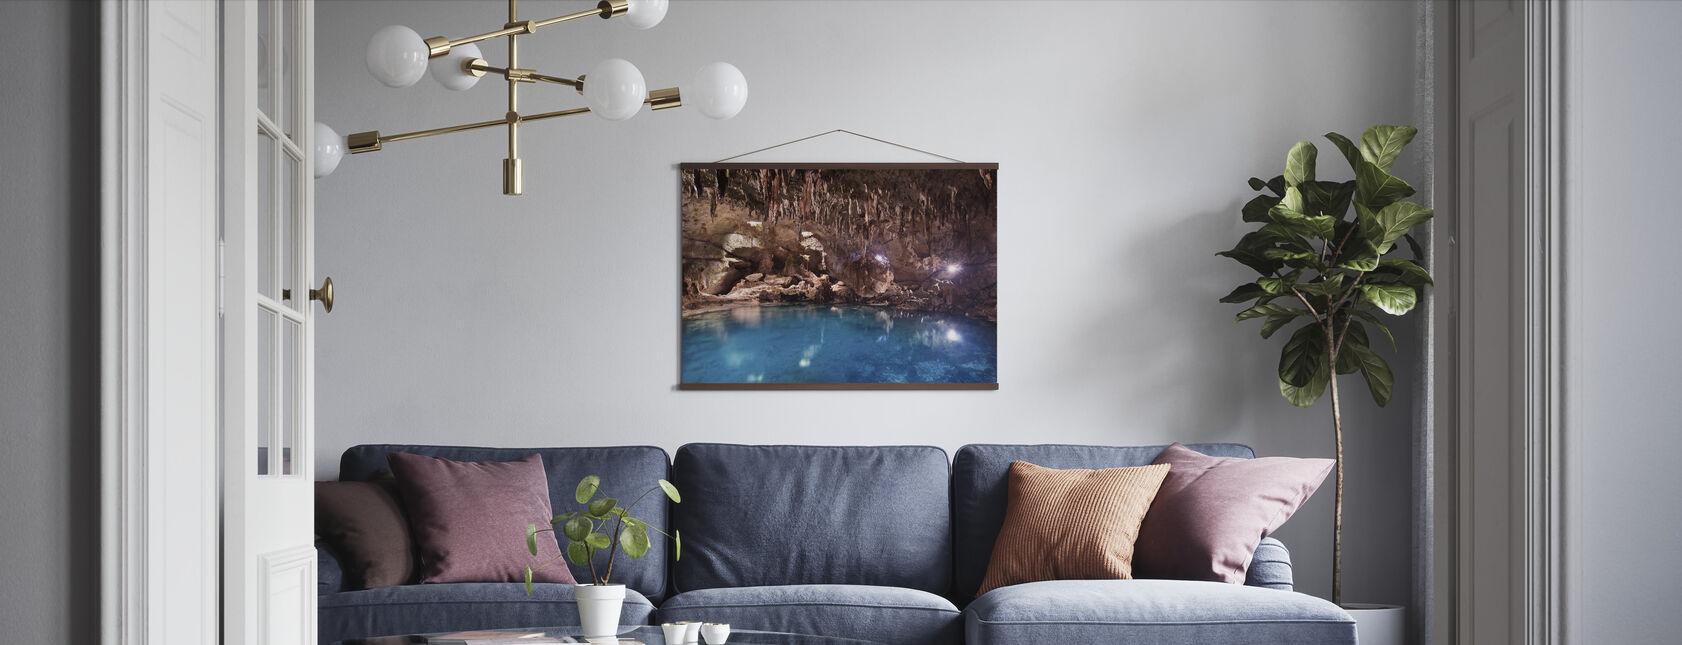 Hinagdanan Cave Pool - Poster - Living Room